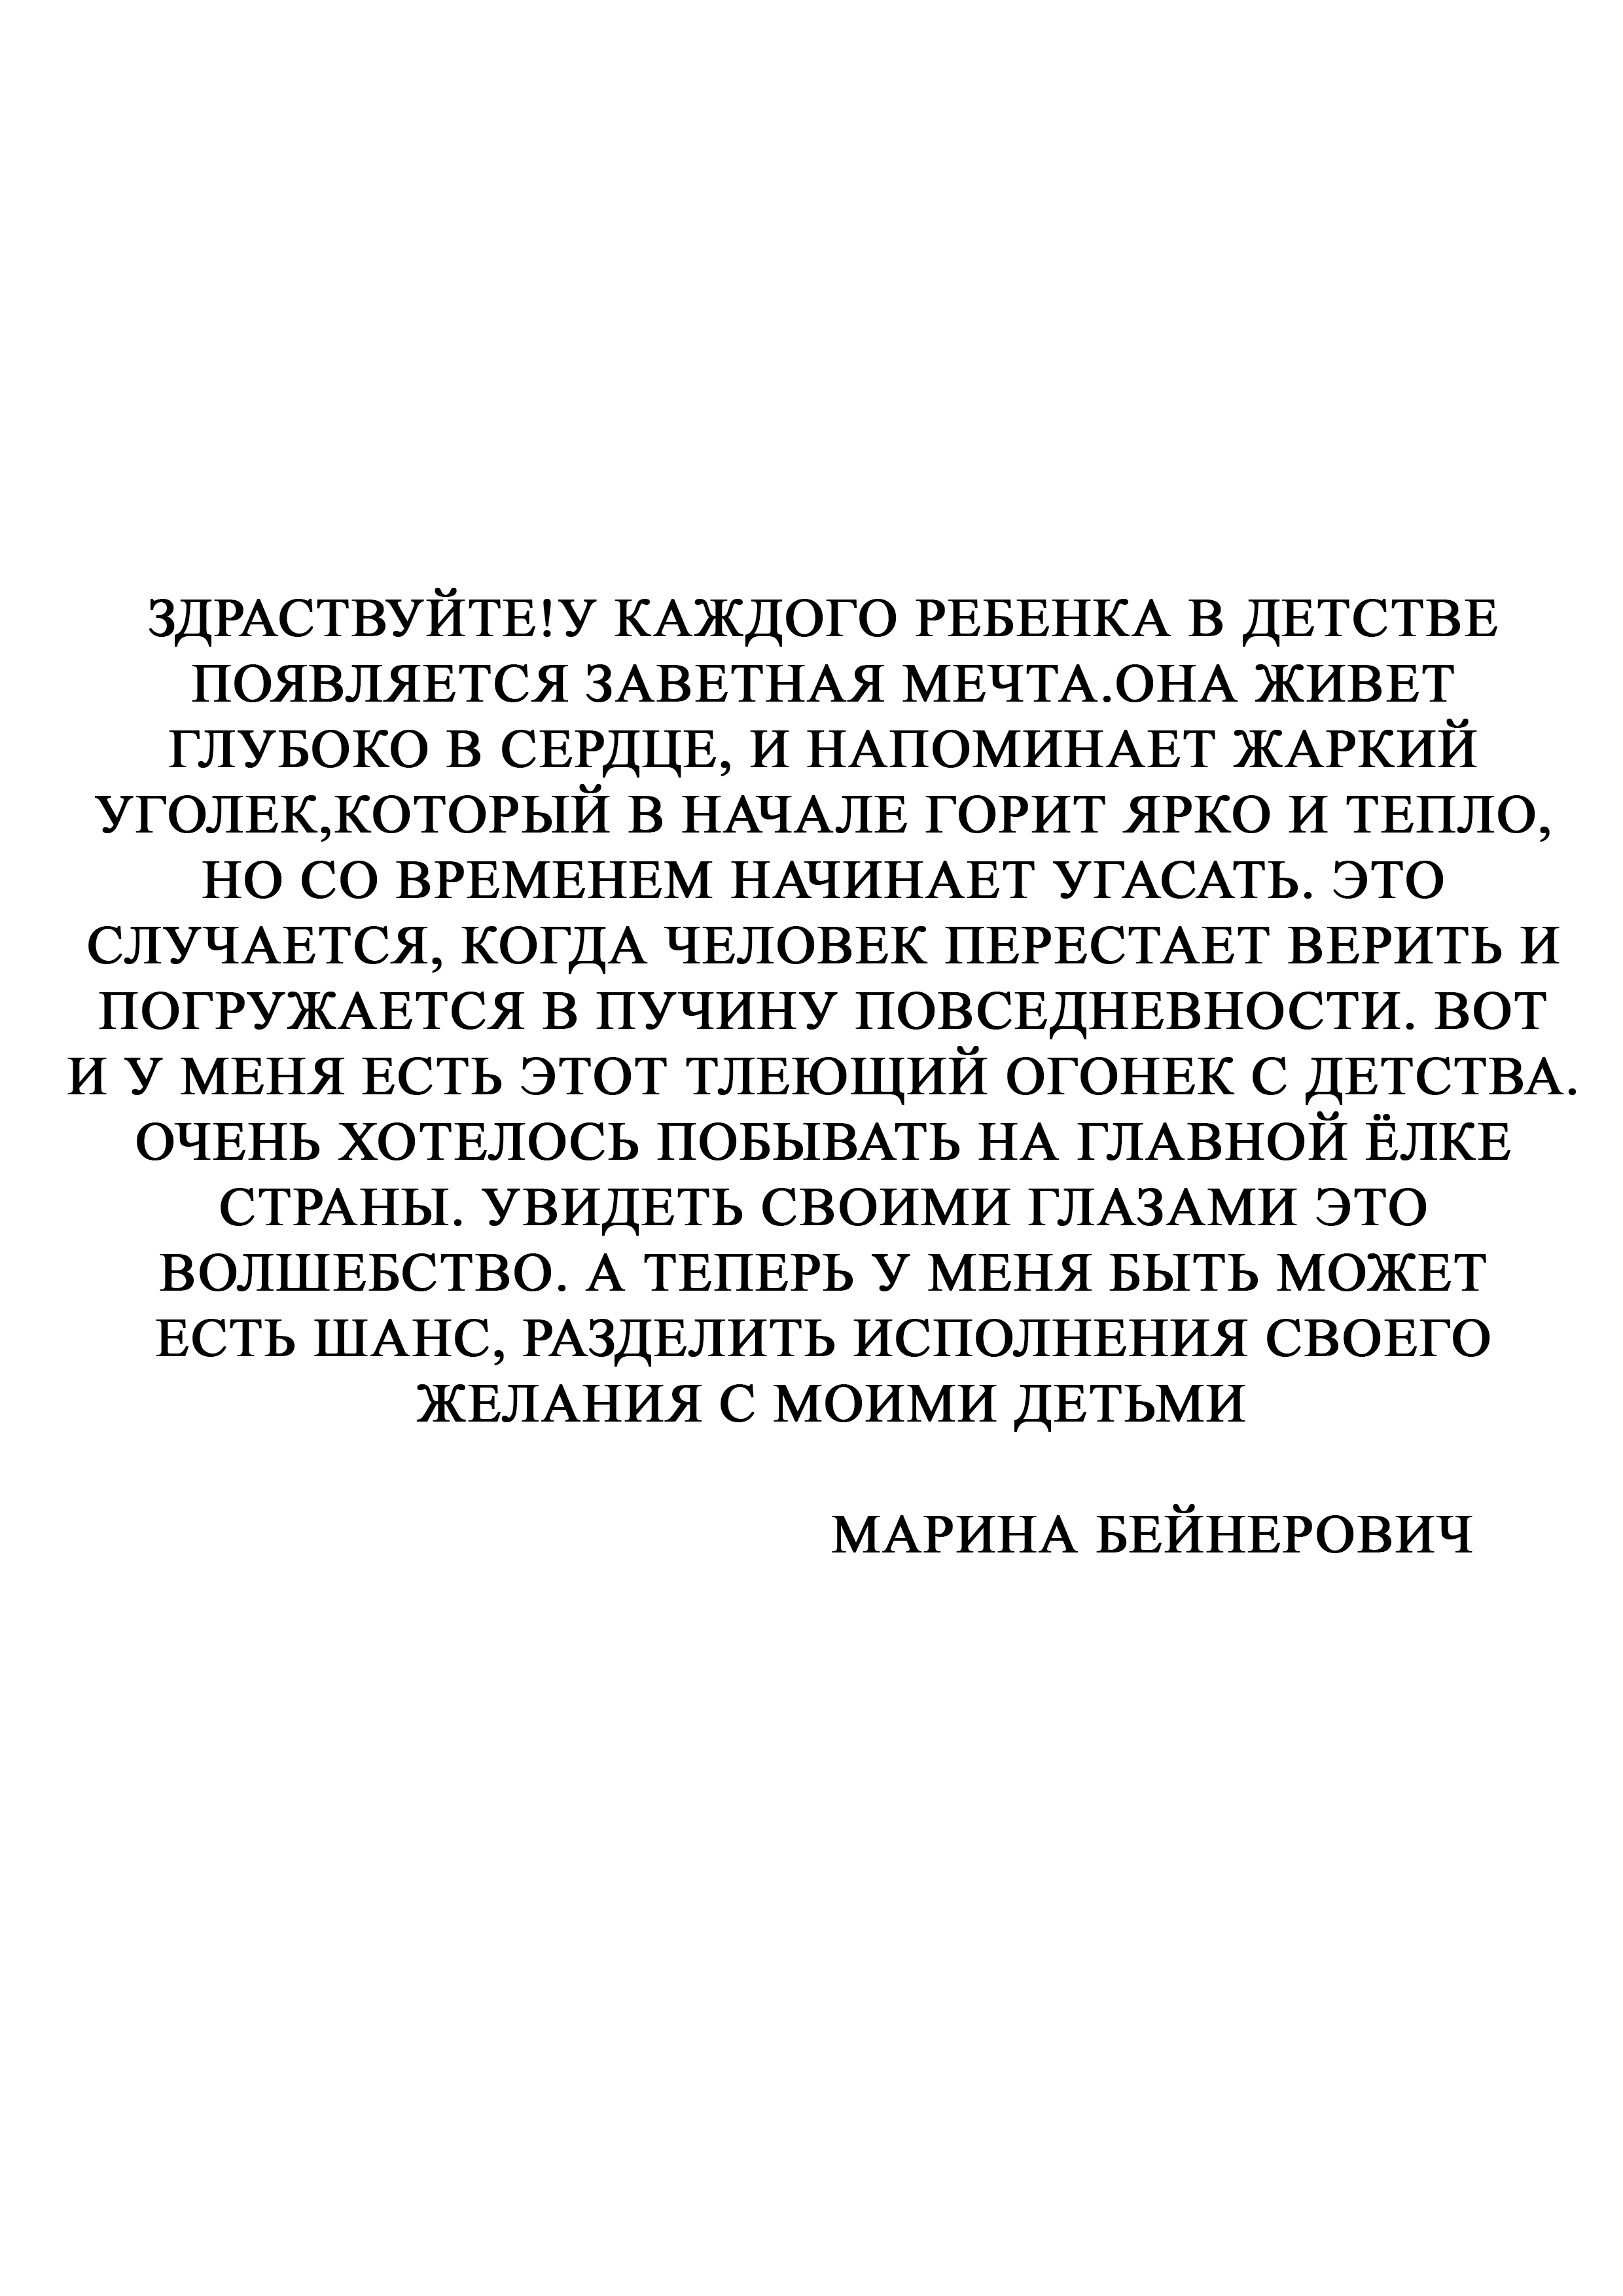 Марина Бейнерович